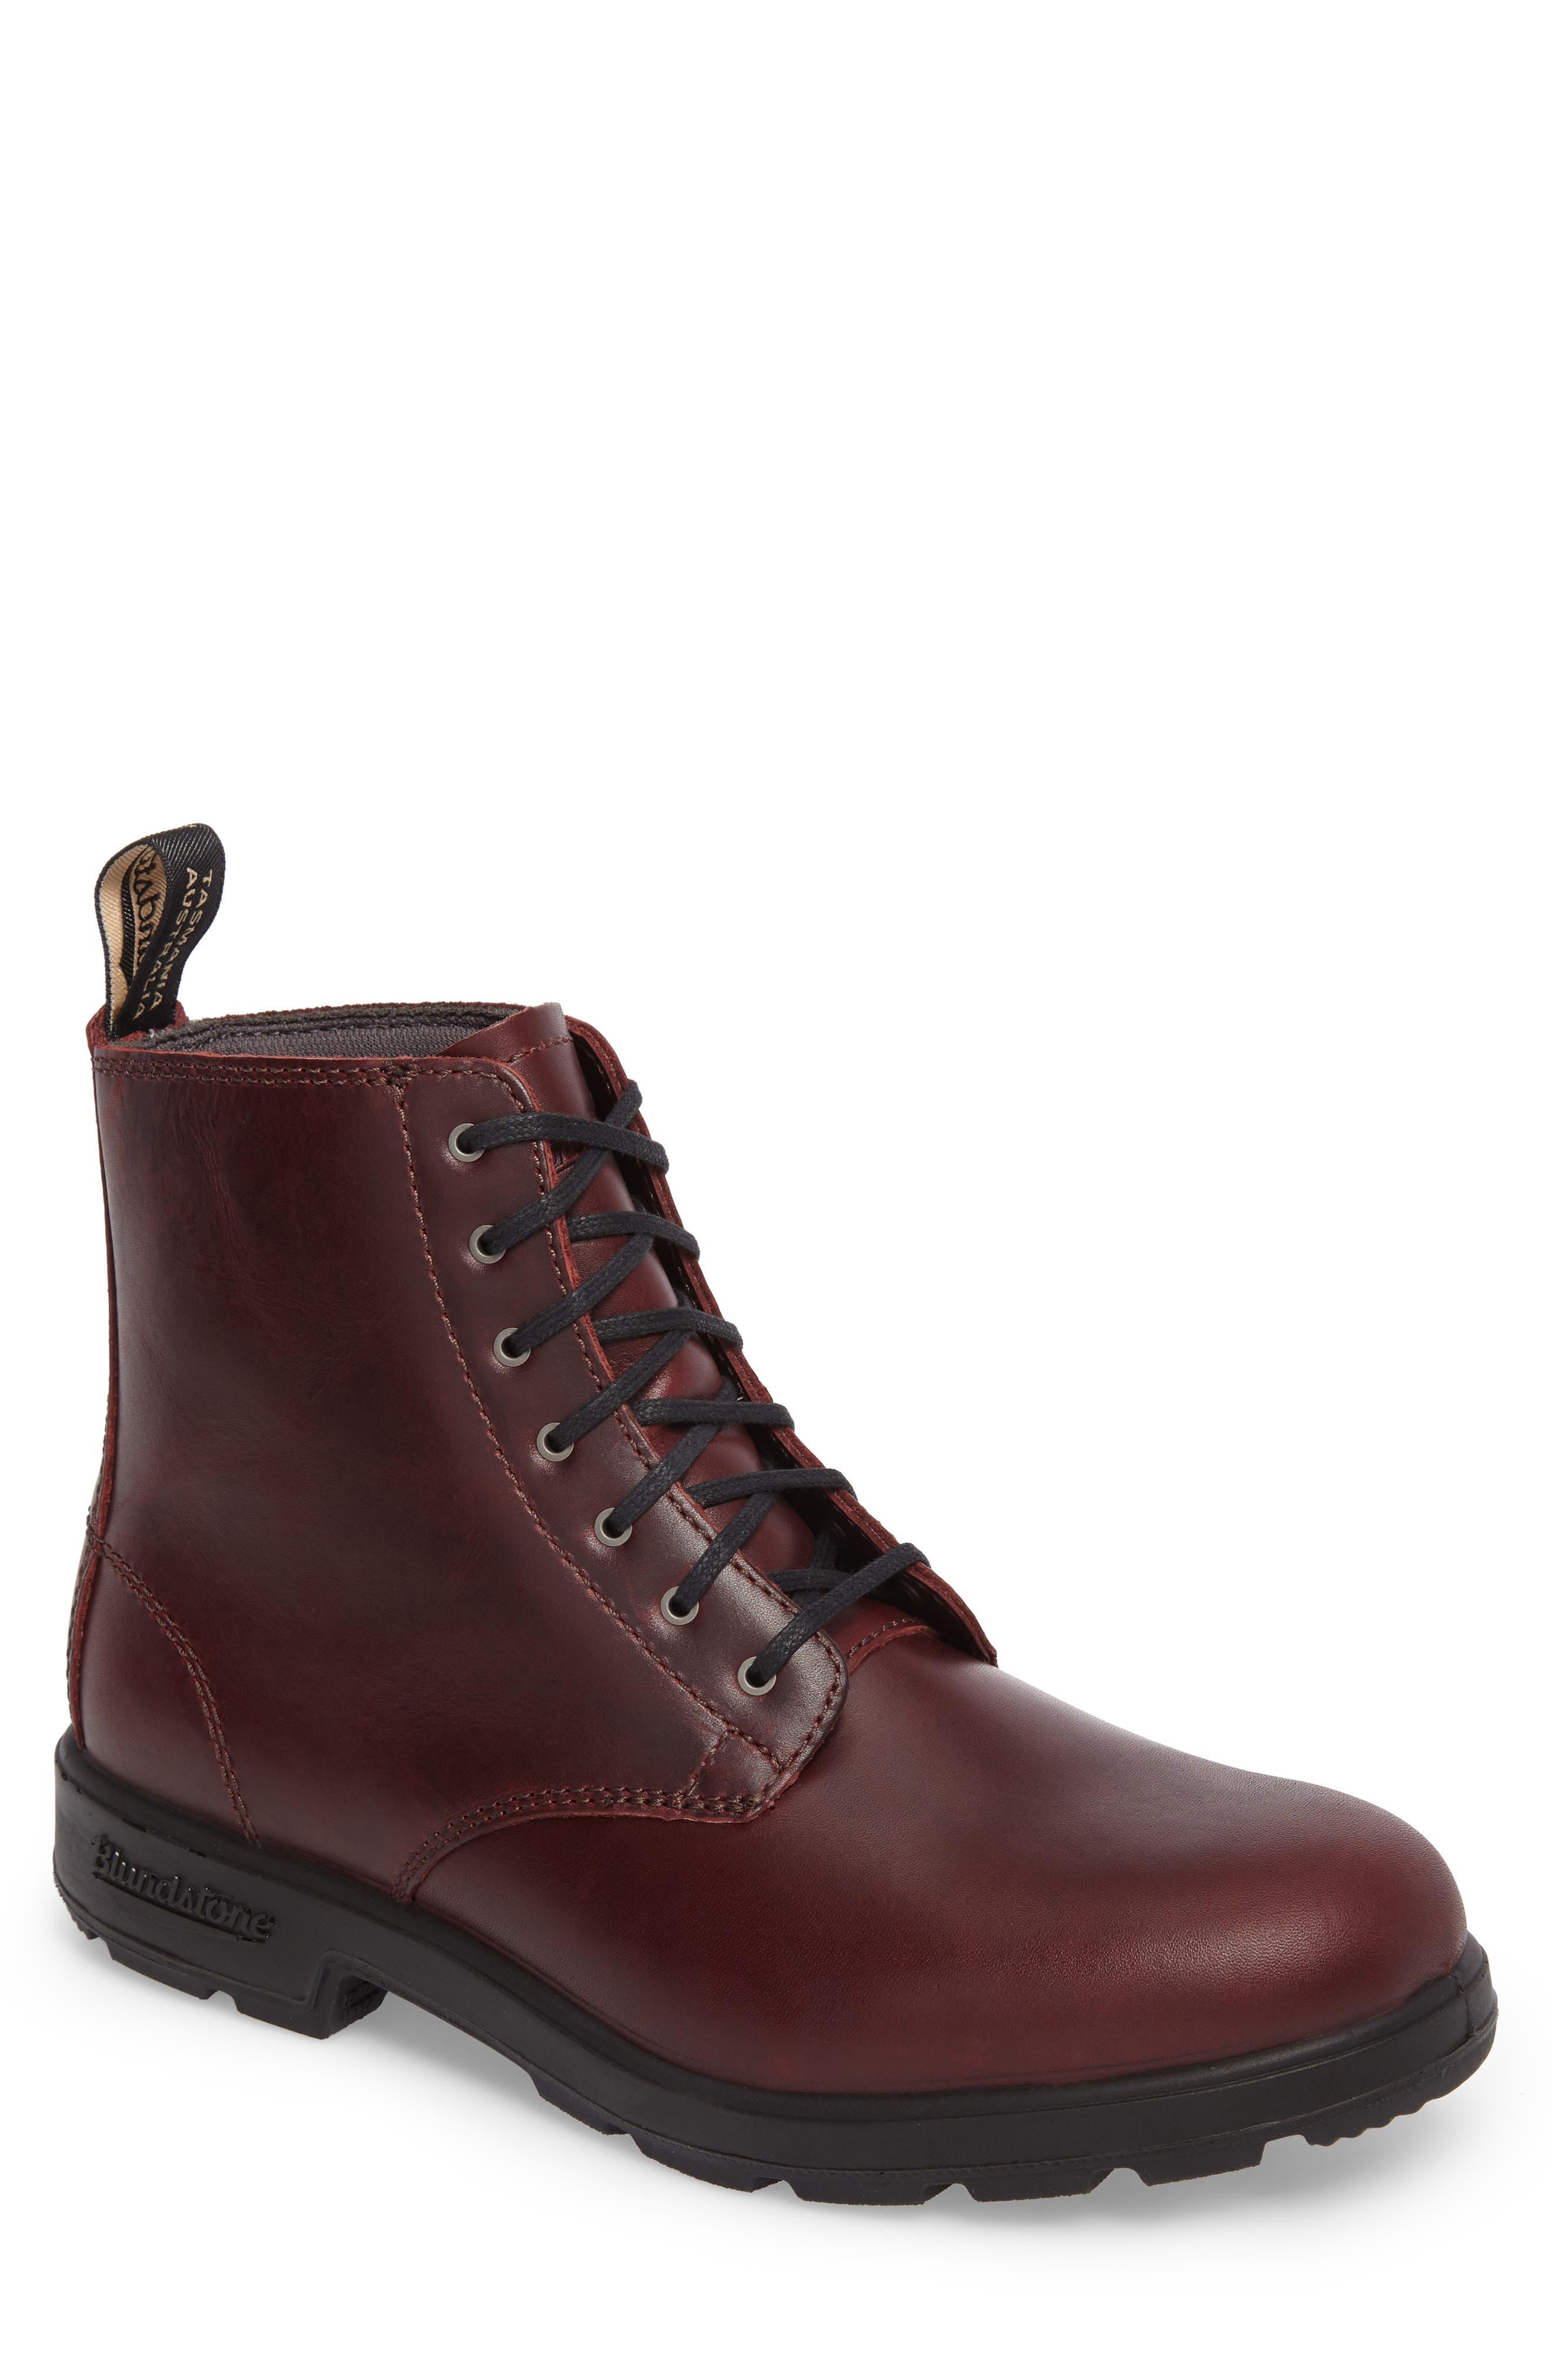 Main Image - Blundstone Original Plain Toe Boot (Men)